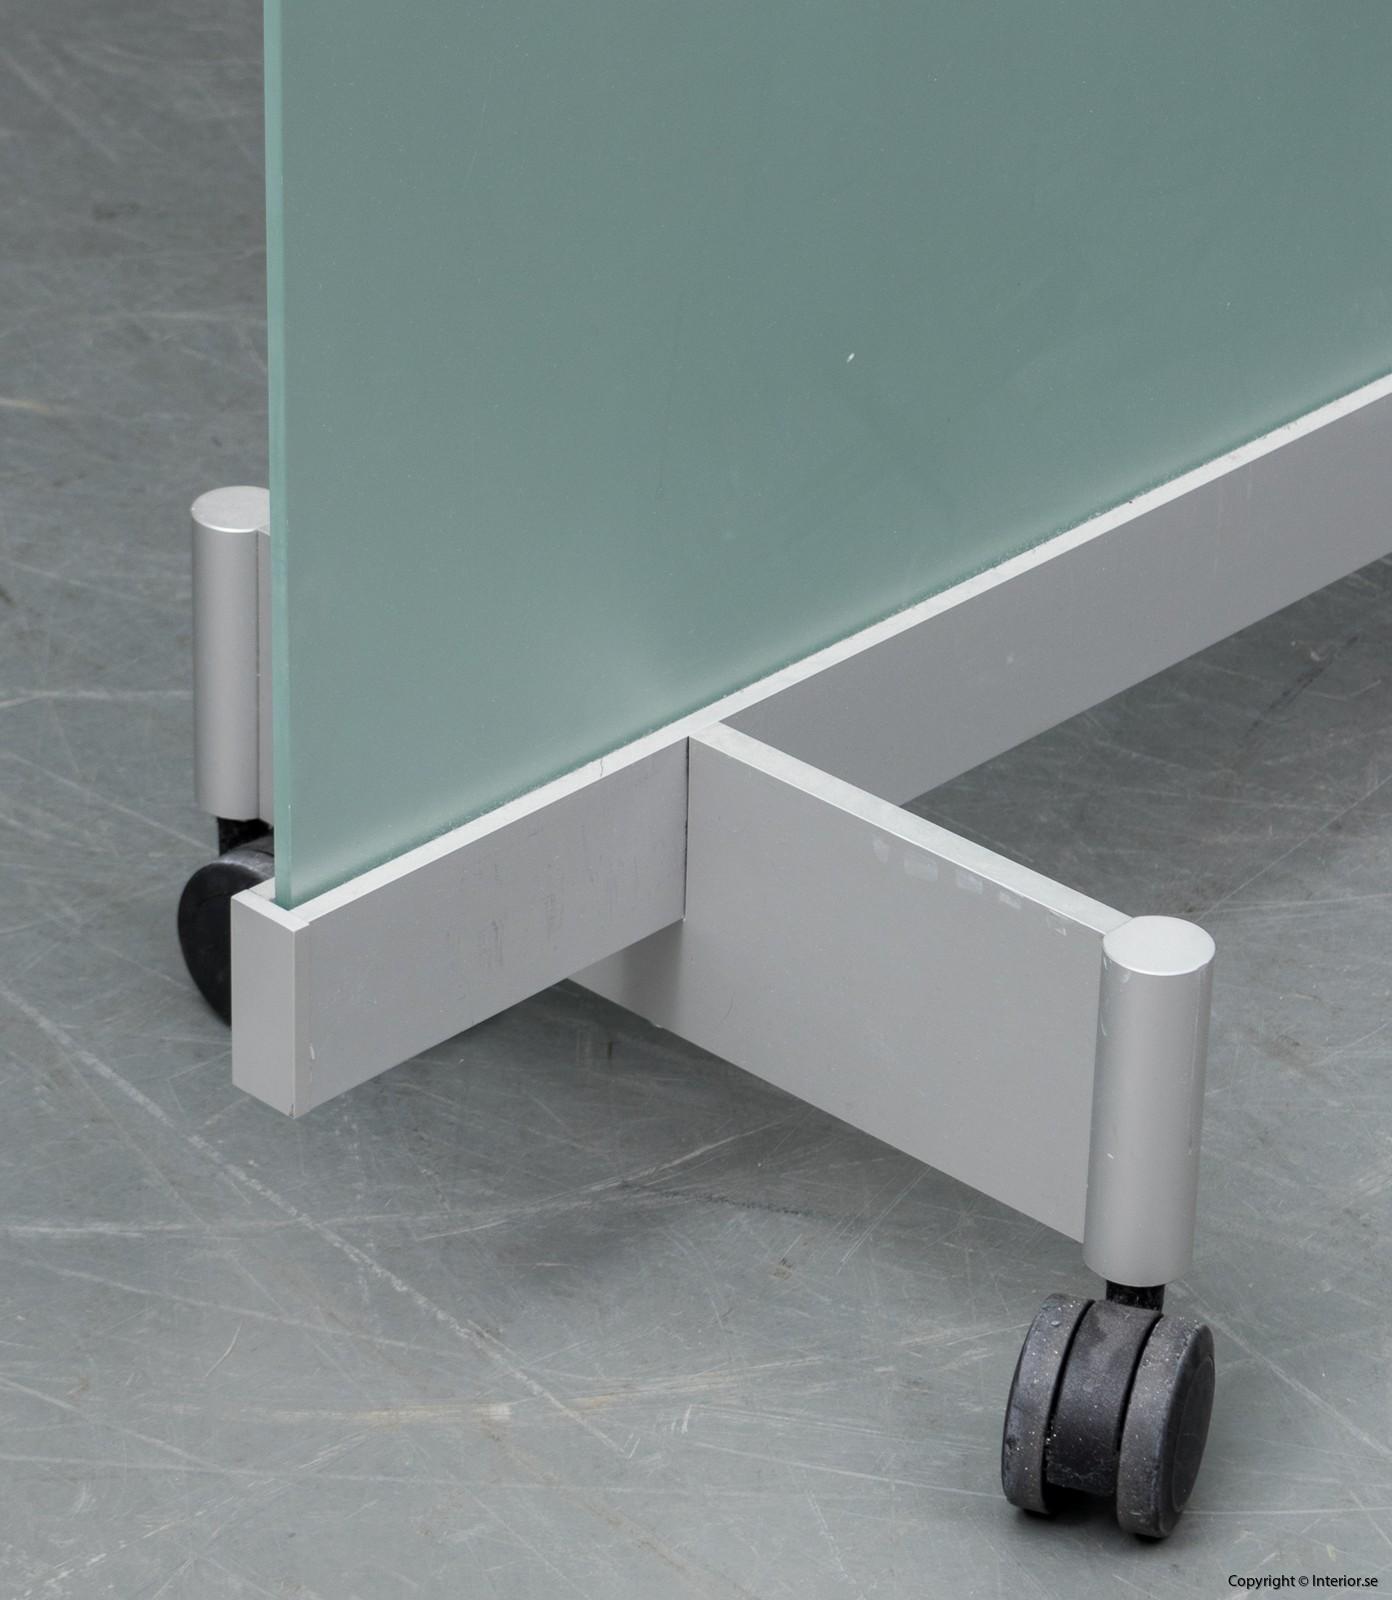 BORKS, flyttbara golvskärmväggar rumsavdelare glas och med hjul BORKS, Room Divider Space Divider with glass and casters 2